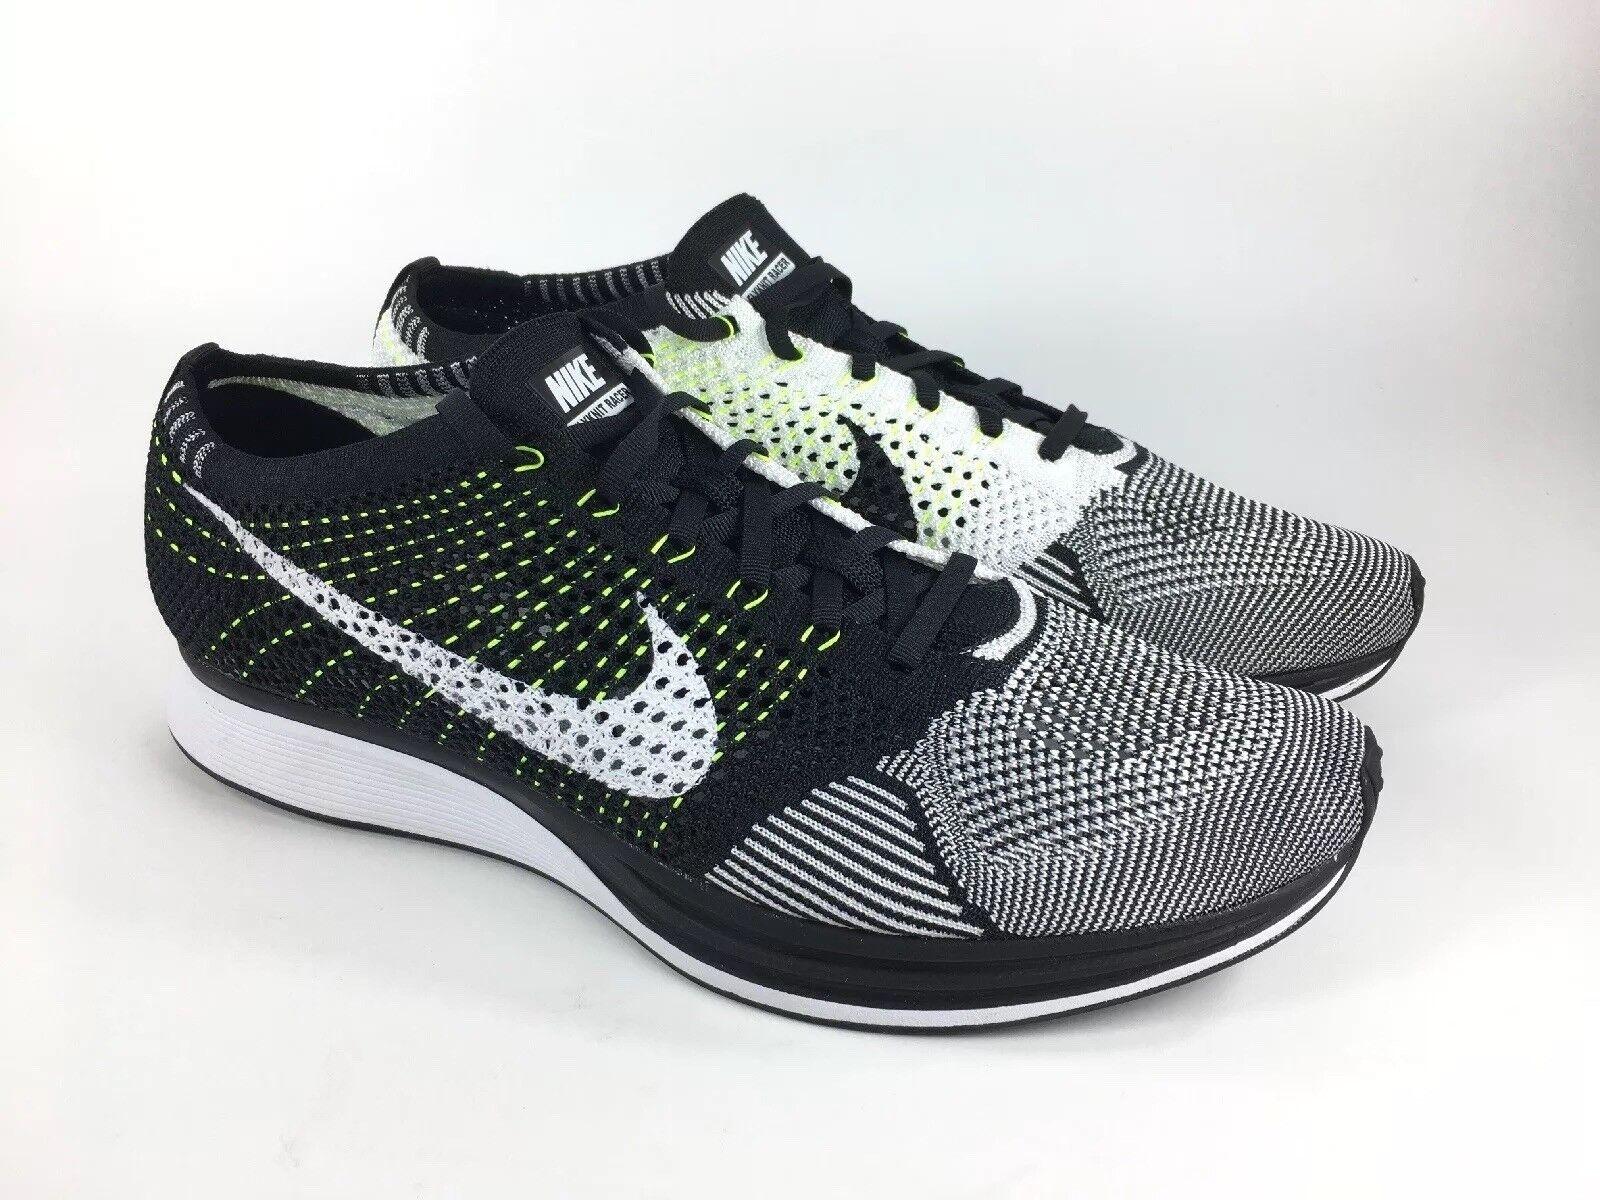 Nike Flyknit Racer Running Black White Oreo Volt Men's Size 13 (526628-011)